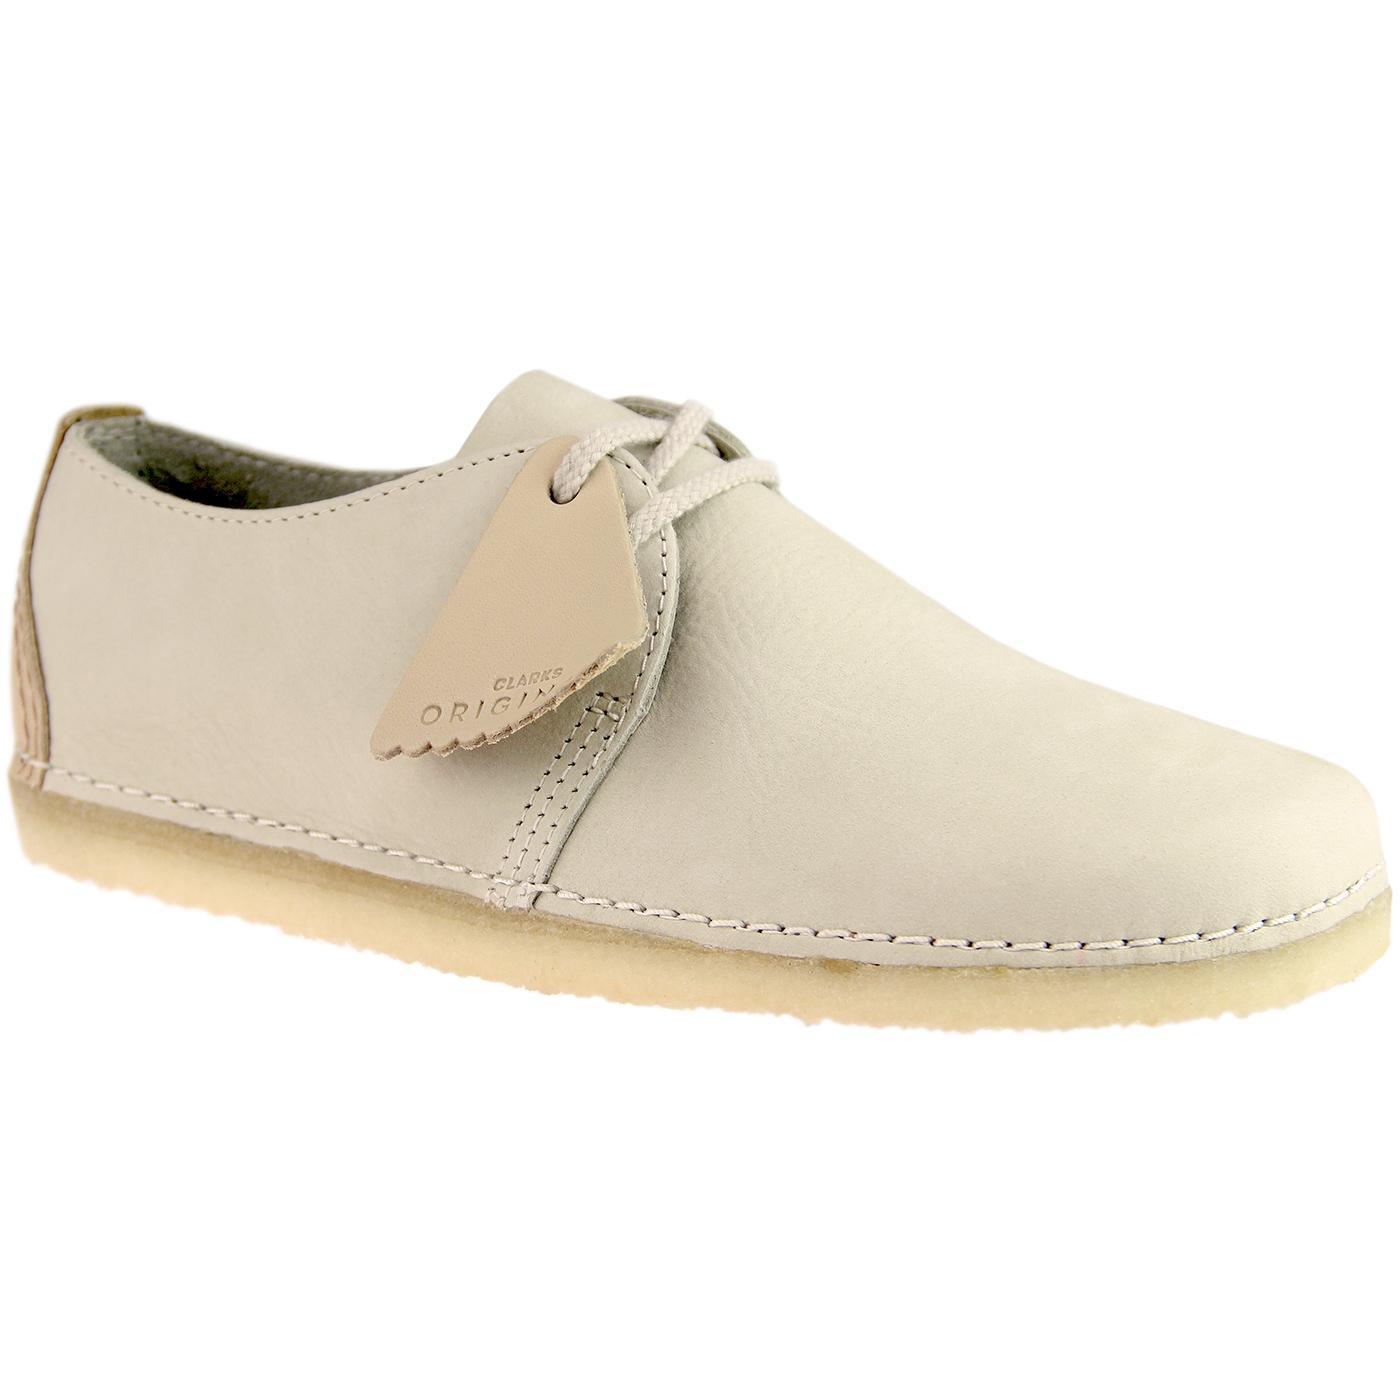 Ashton CLARKS ORIGINALS Women's Nubuck Shoes (OW)